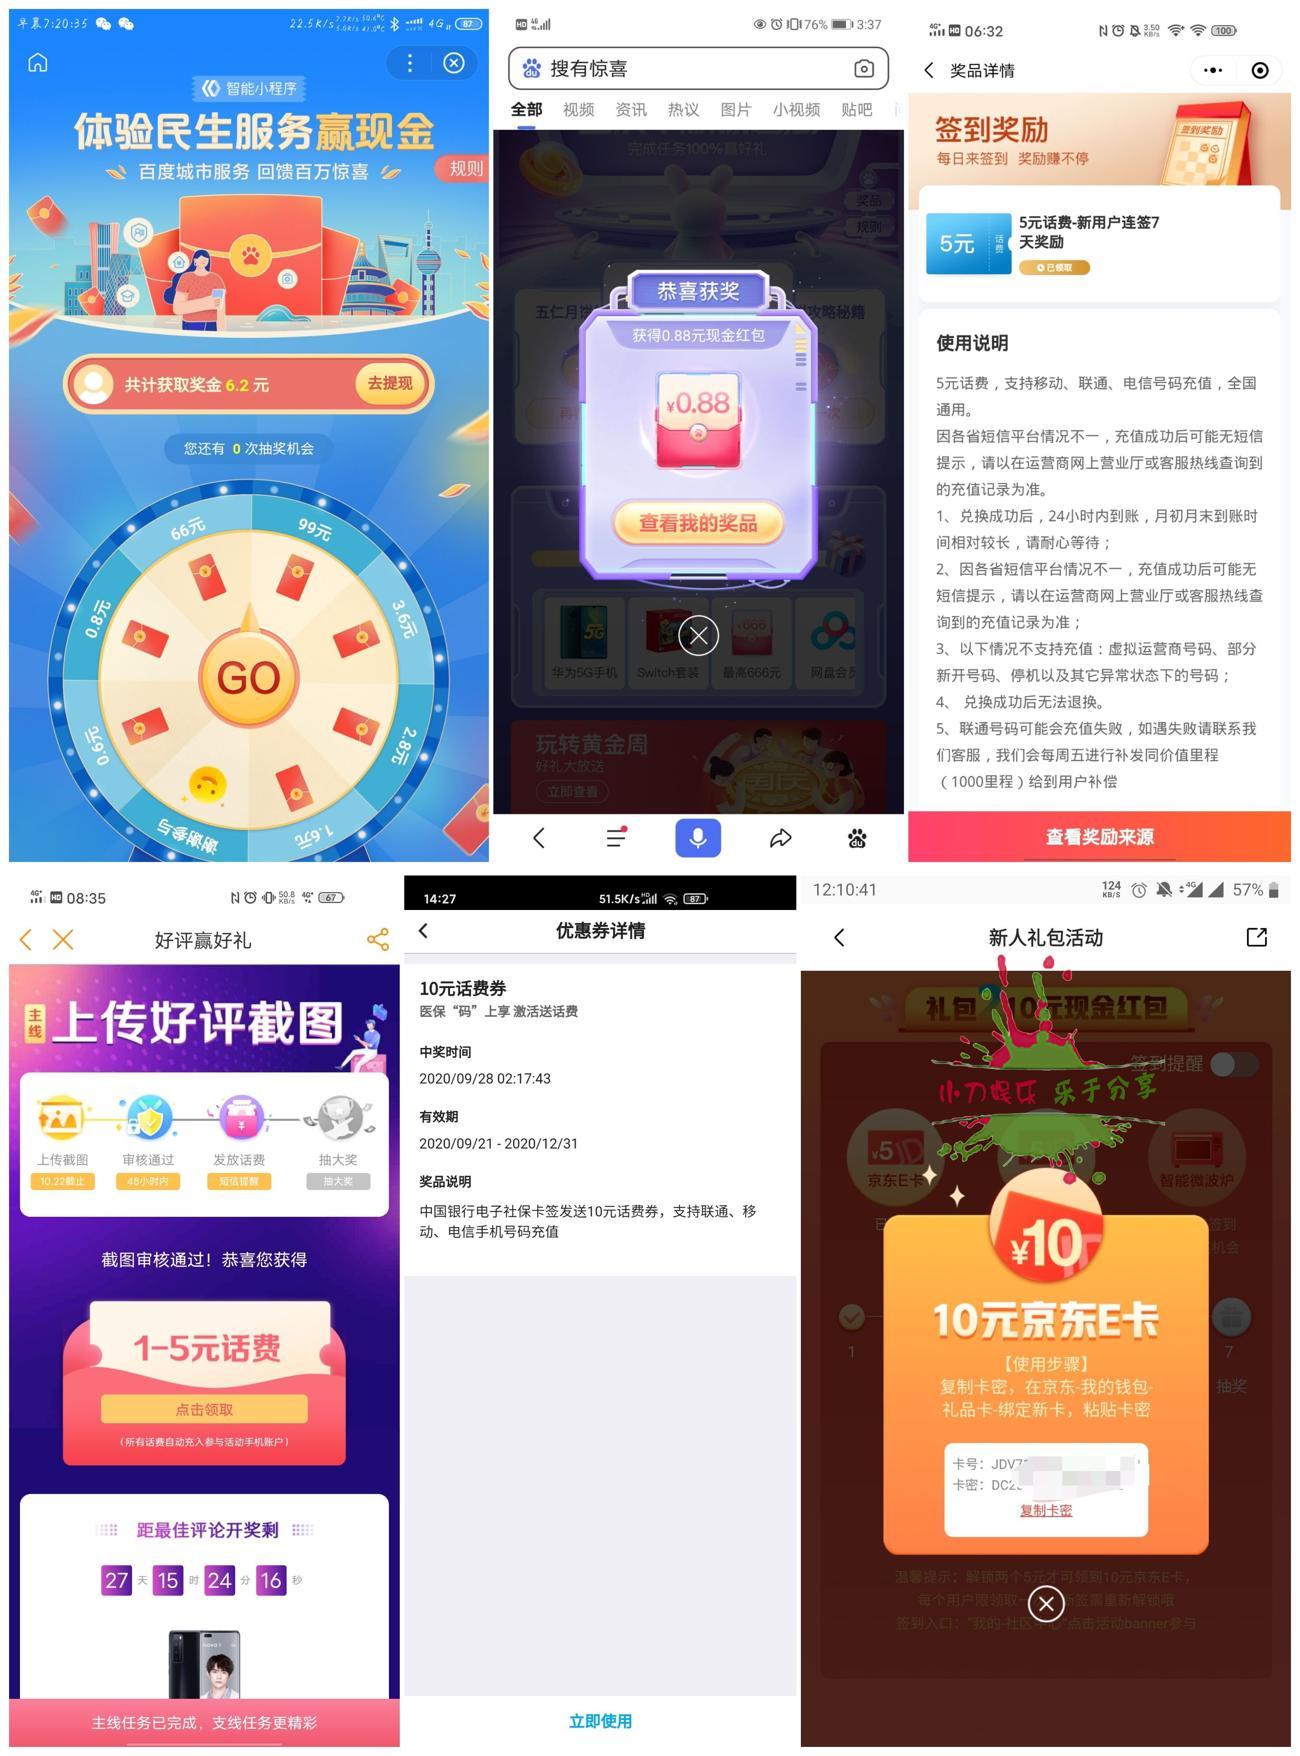 美的中国银行卡等活动提醒